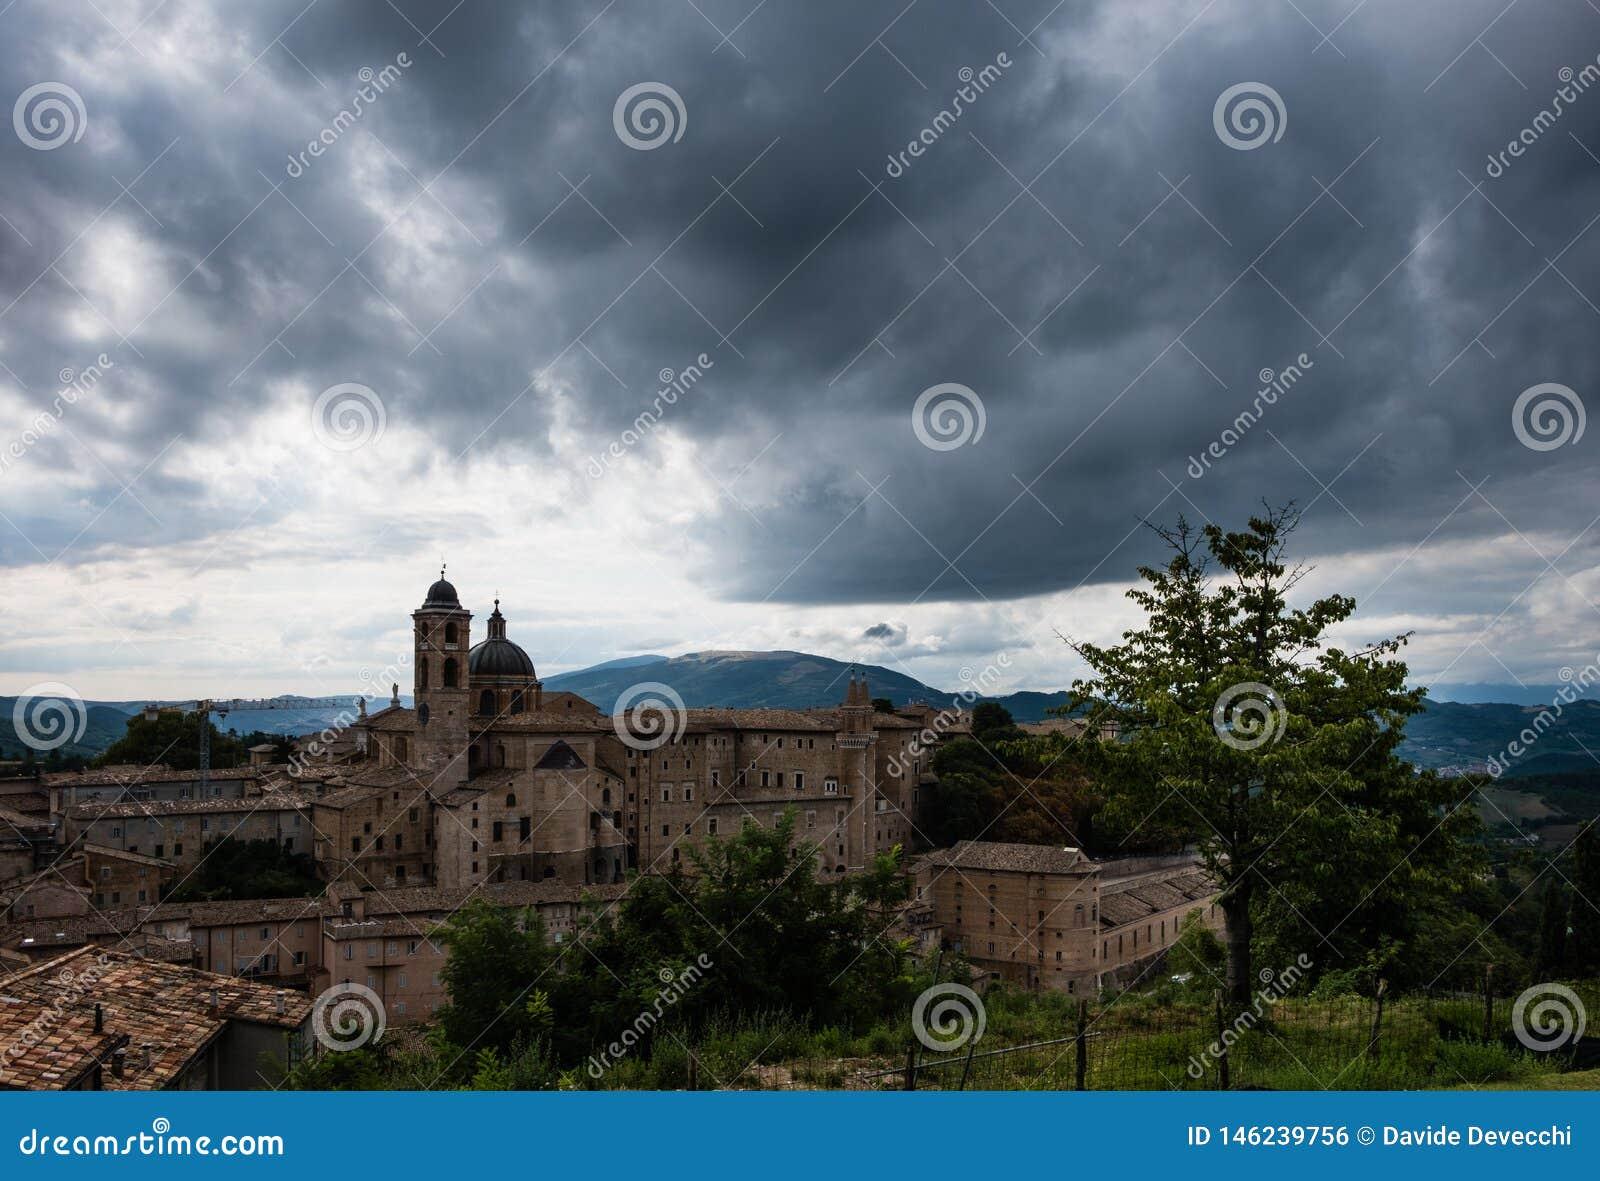 Πανοραμική άποψη του δουκικού παλατιού του Ούρμπινο στην κεντρική Ιταλία με έναν δραματικό ουρανό